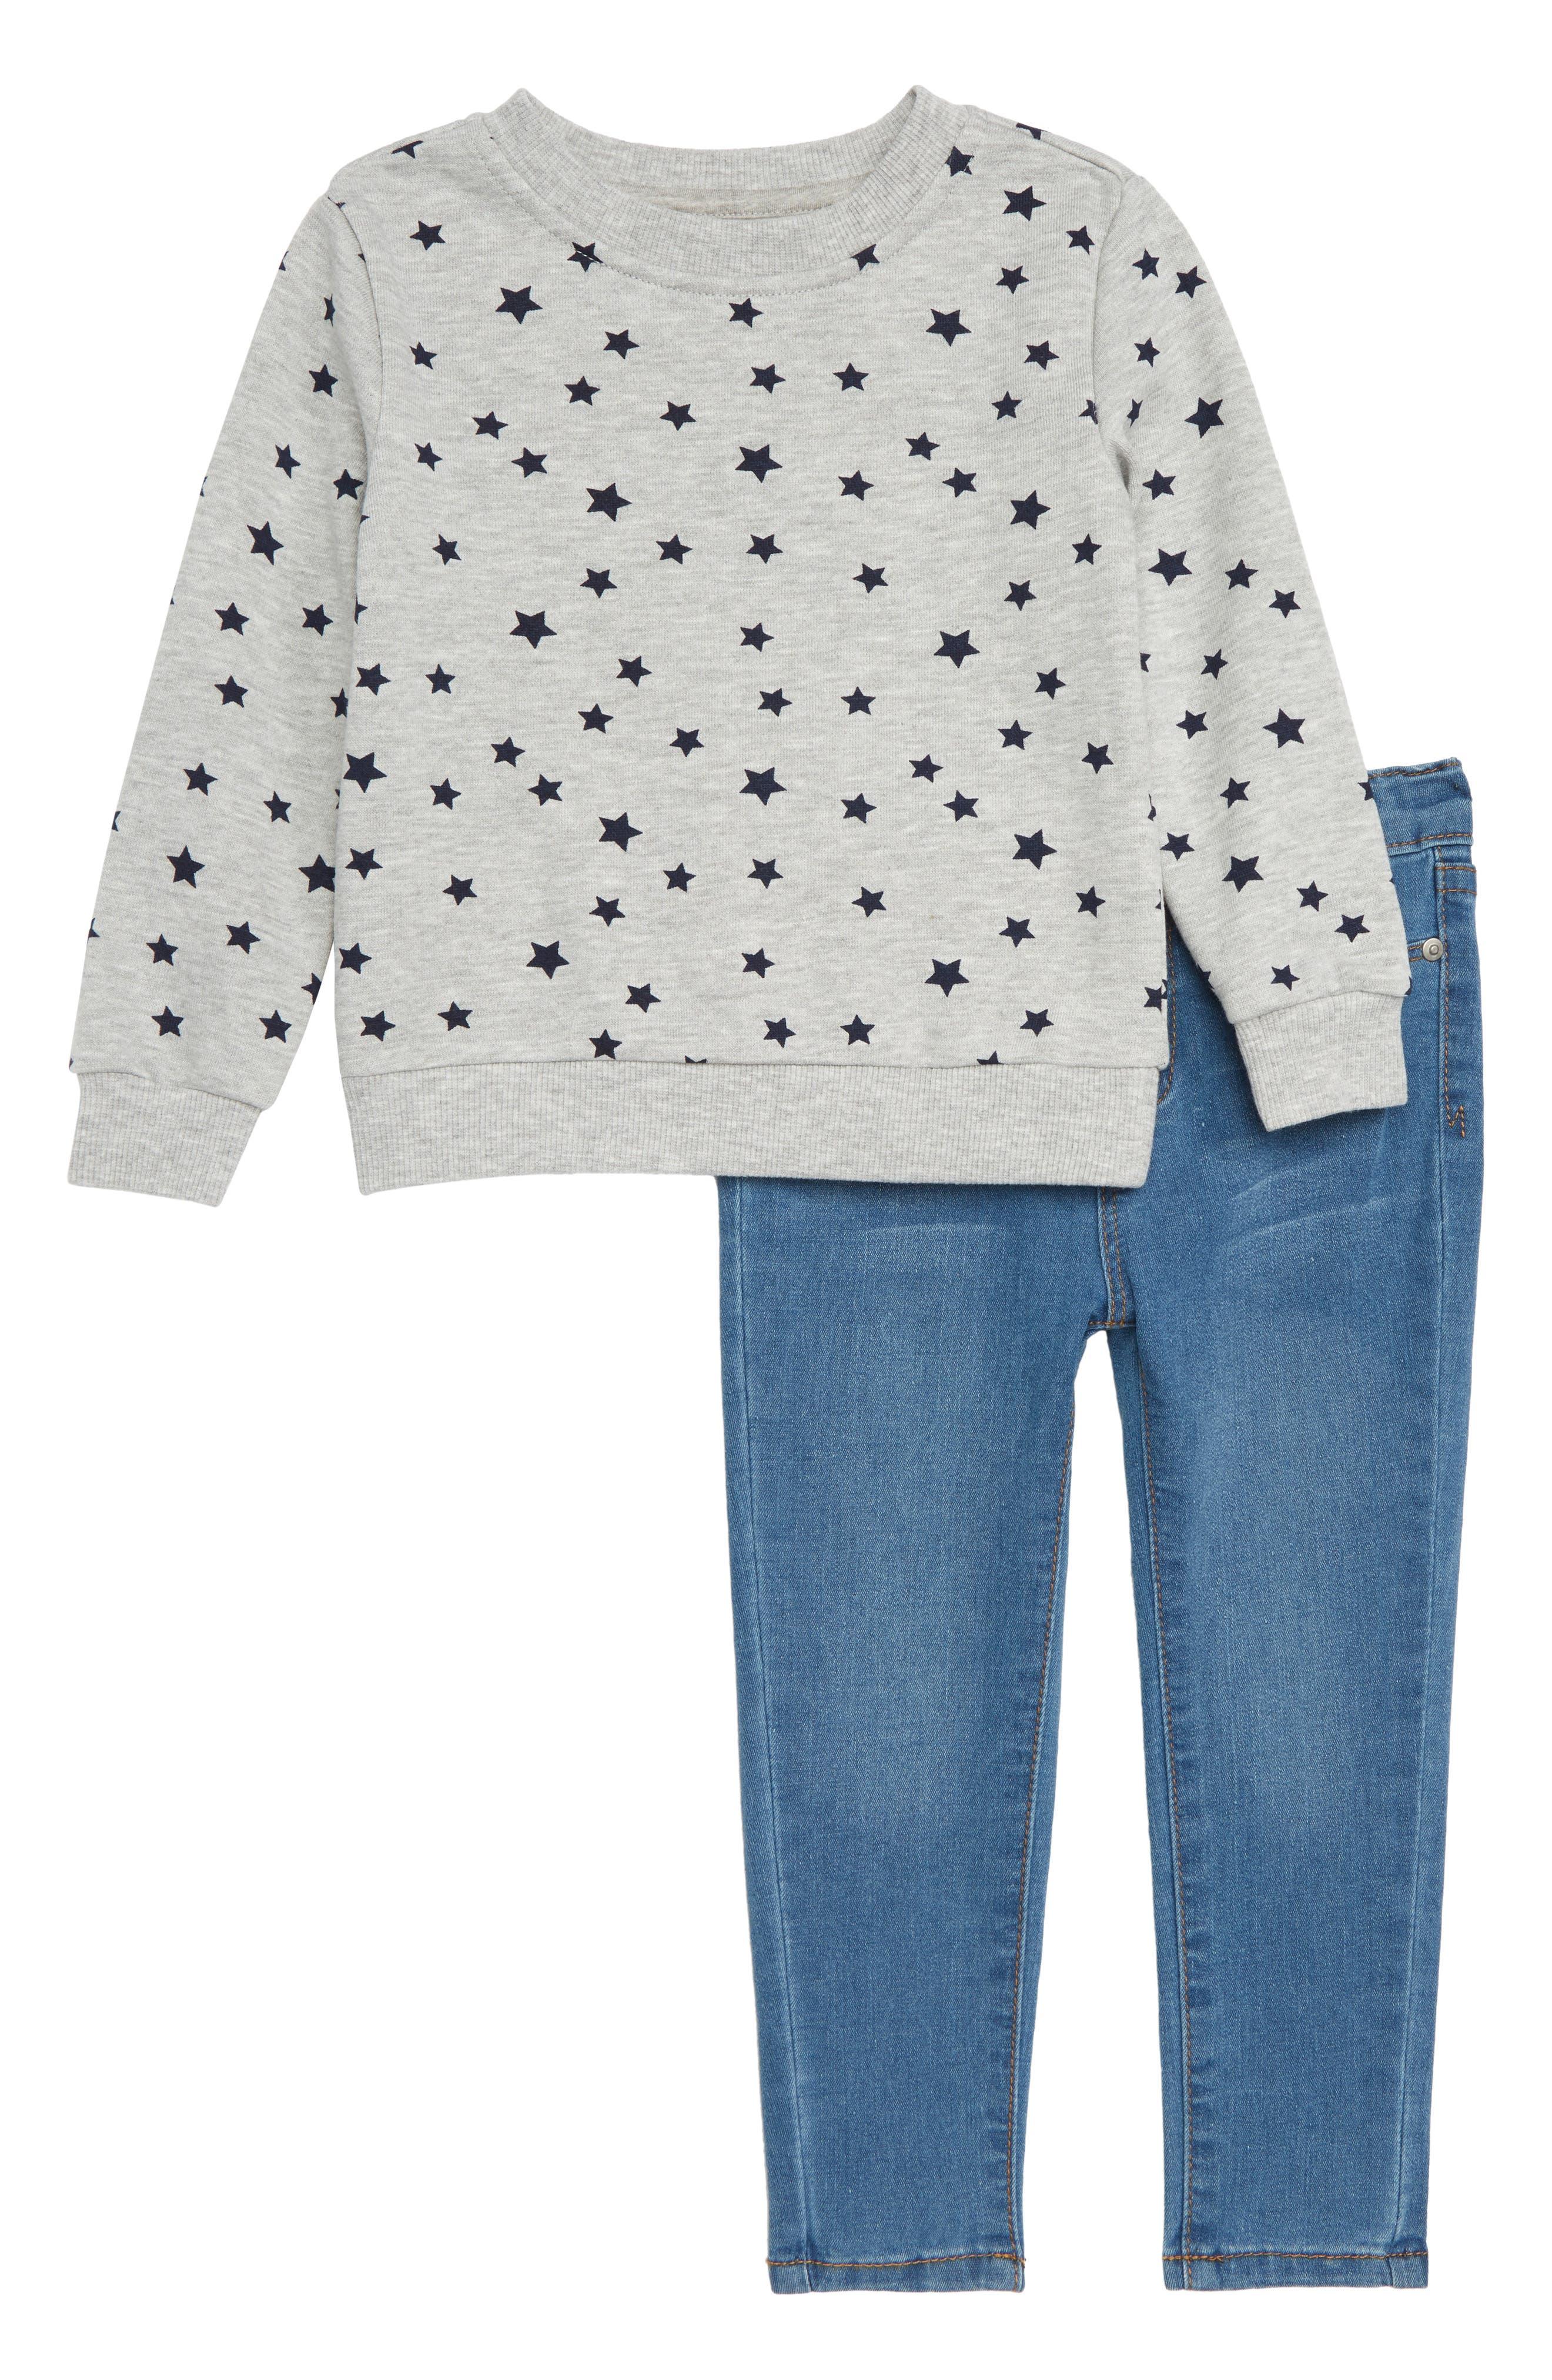 Sweatshirt & Jeans Set,                             Main thumbnail 1, color,                             Cloud Wash